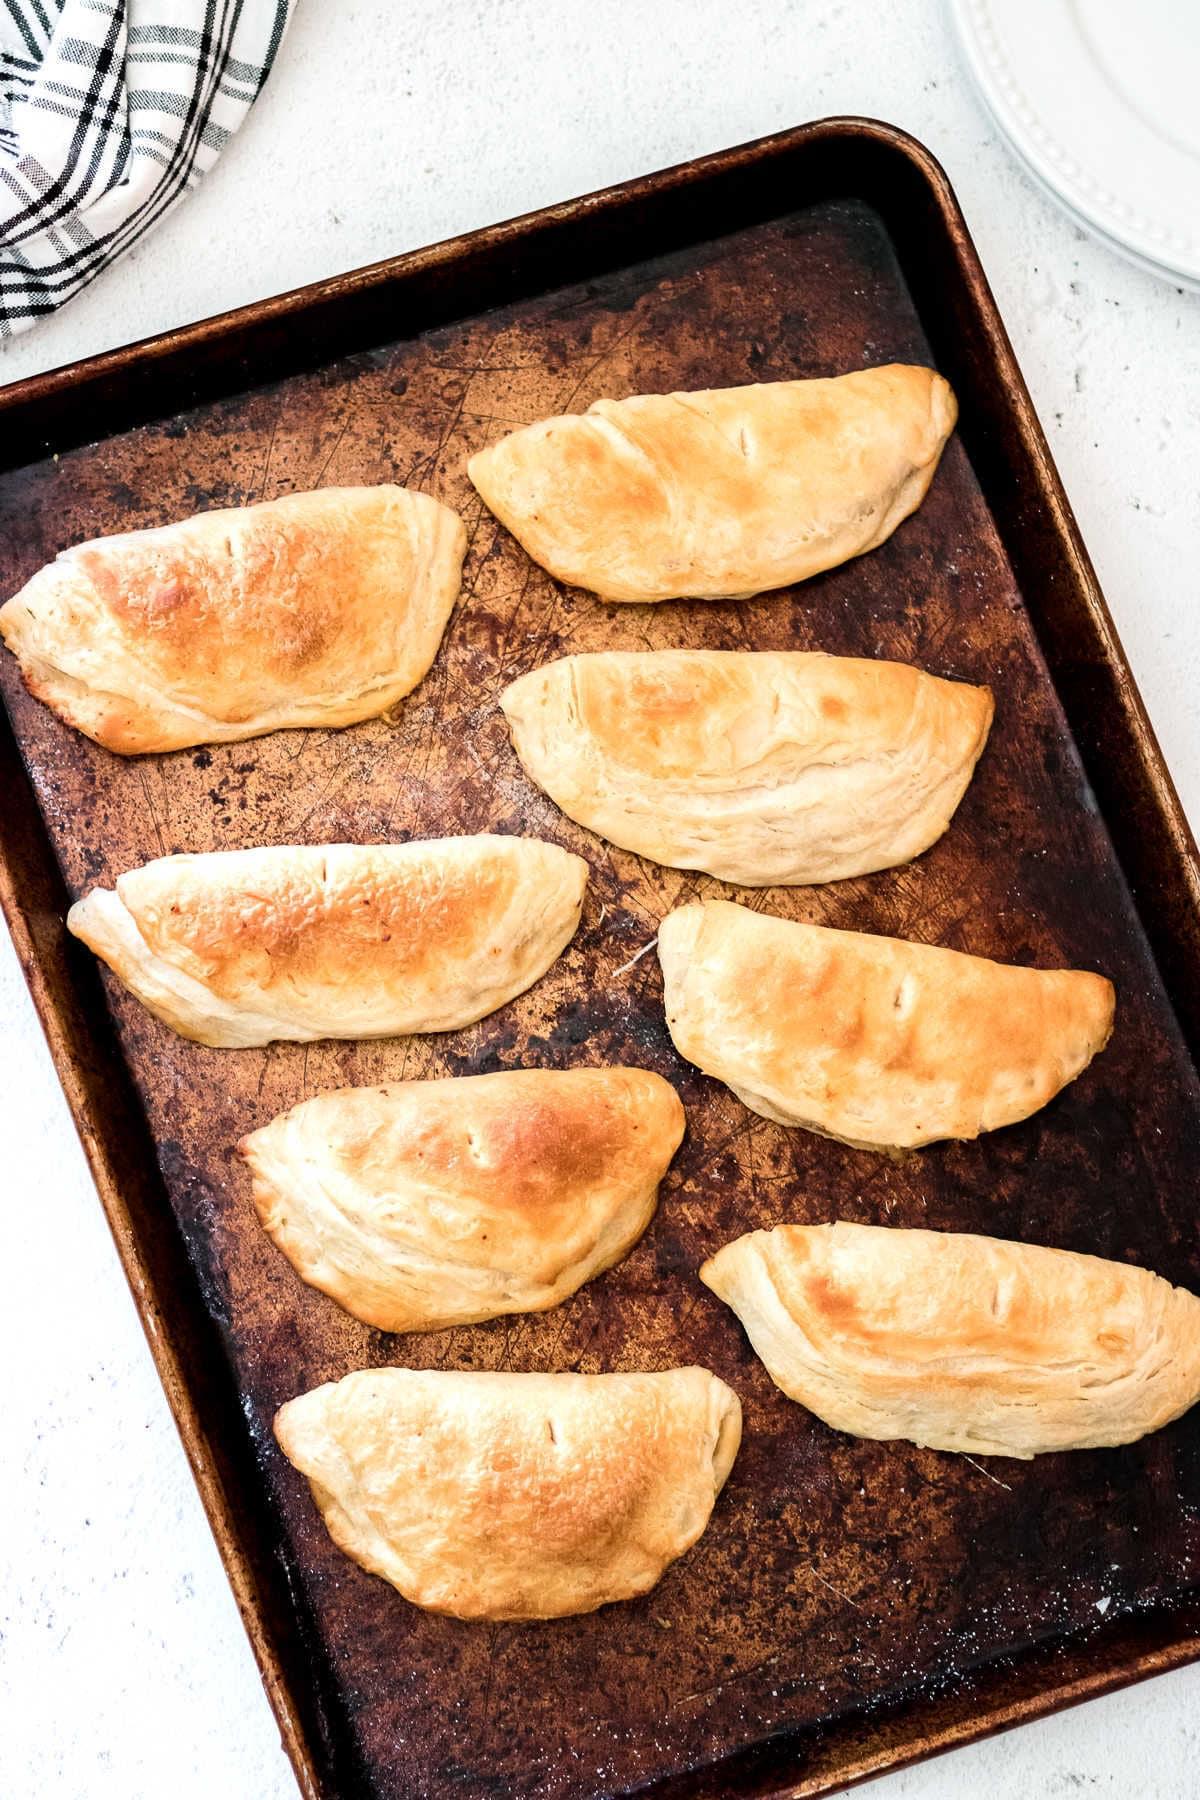 Finished empanadas on a baking sheet.